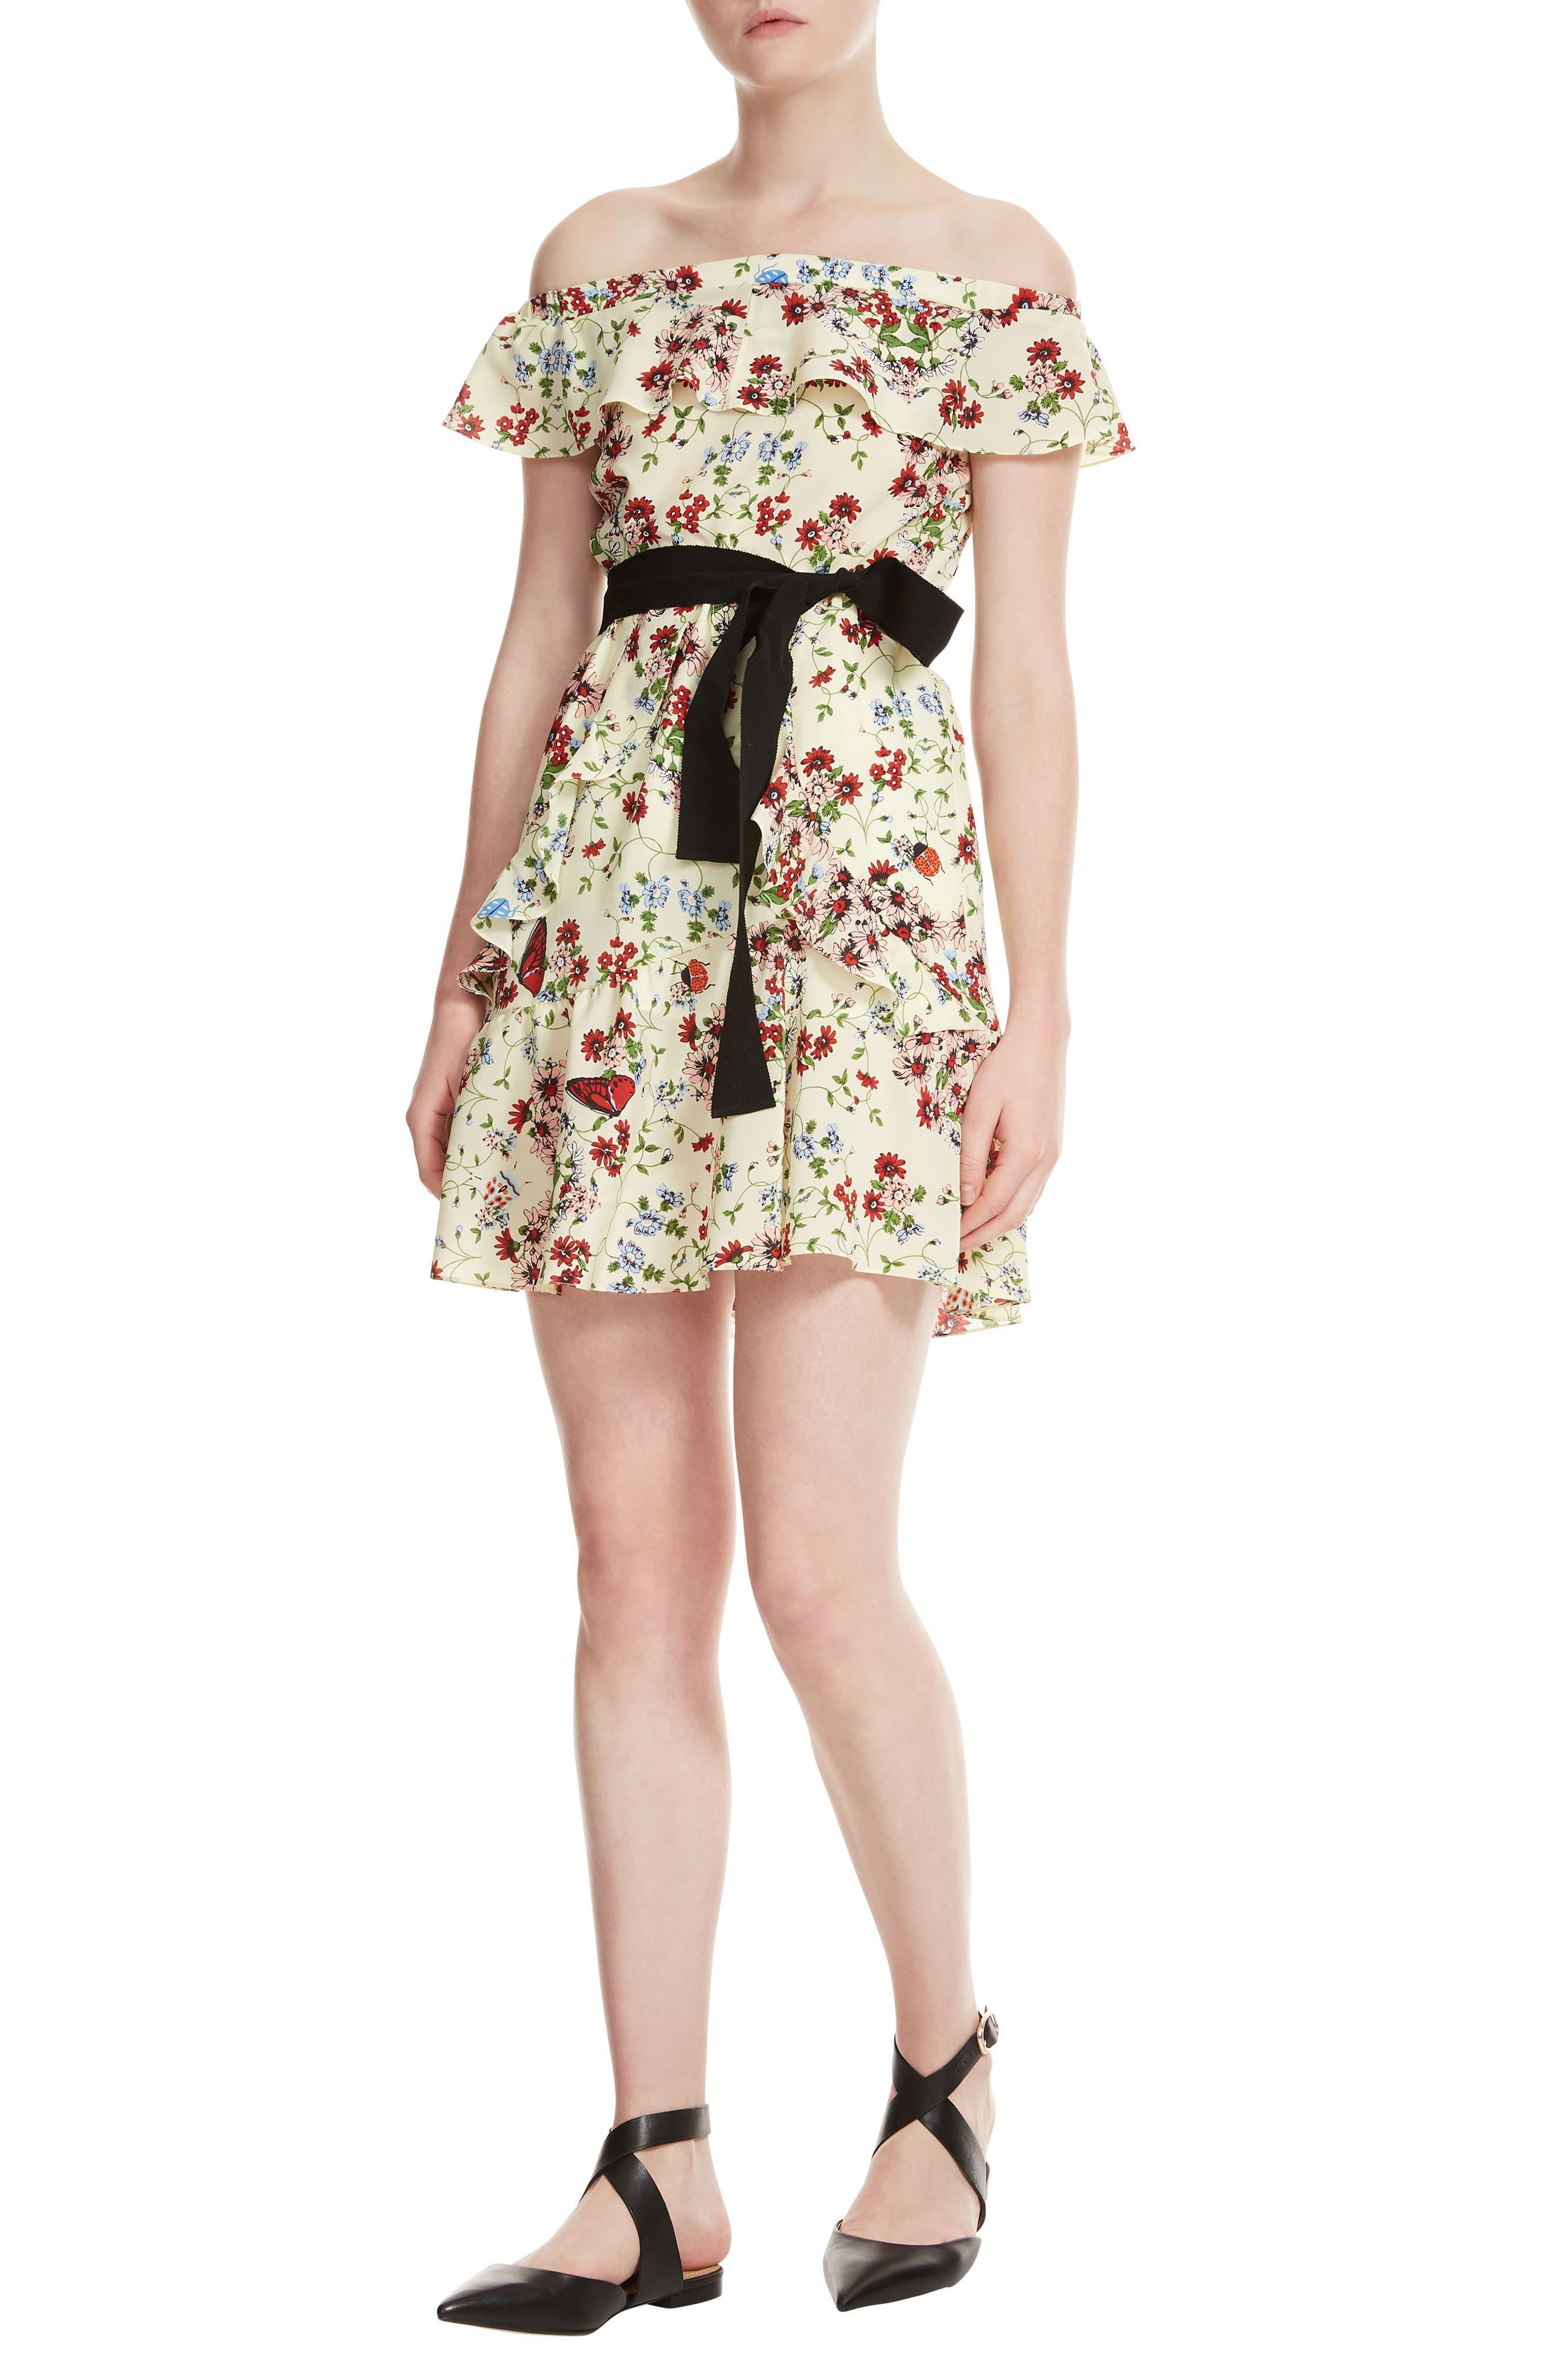 Rinora Silk Dress,                             Main thumbnail 1, color,                             100